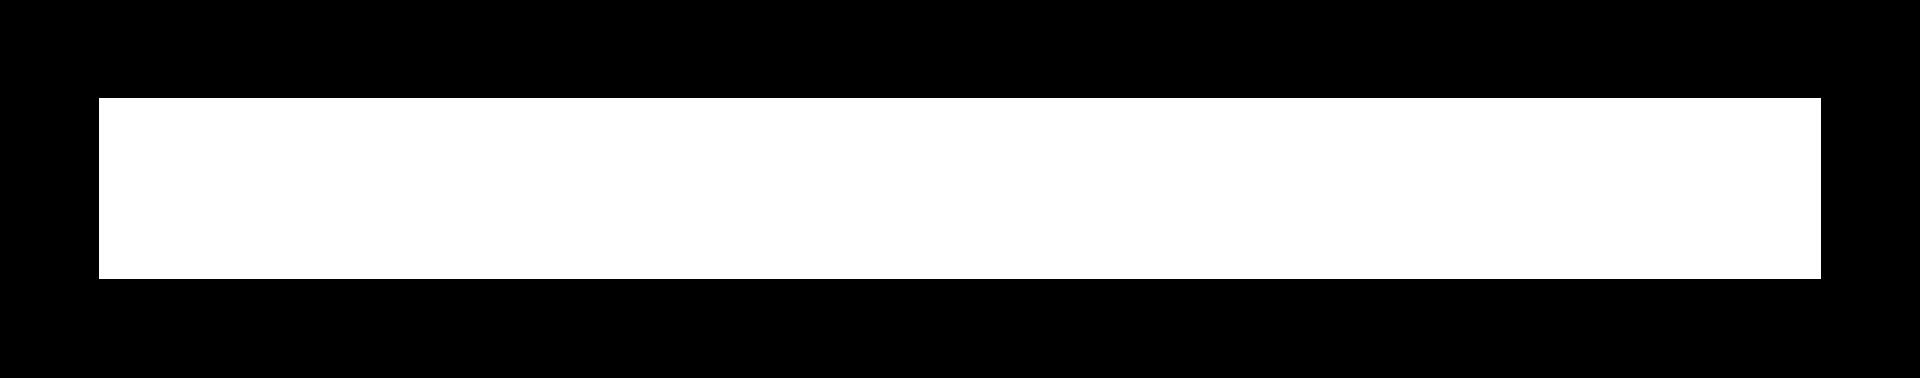 PRO-LEAGUE-LOGO